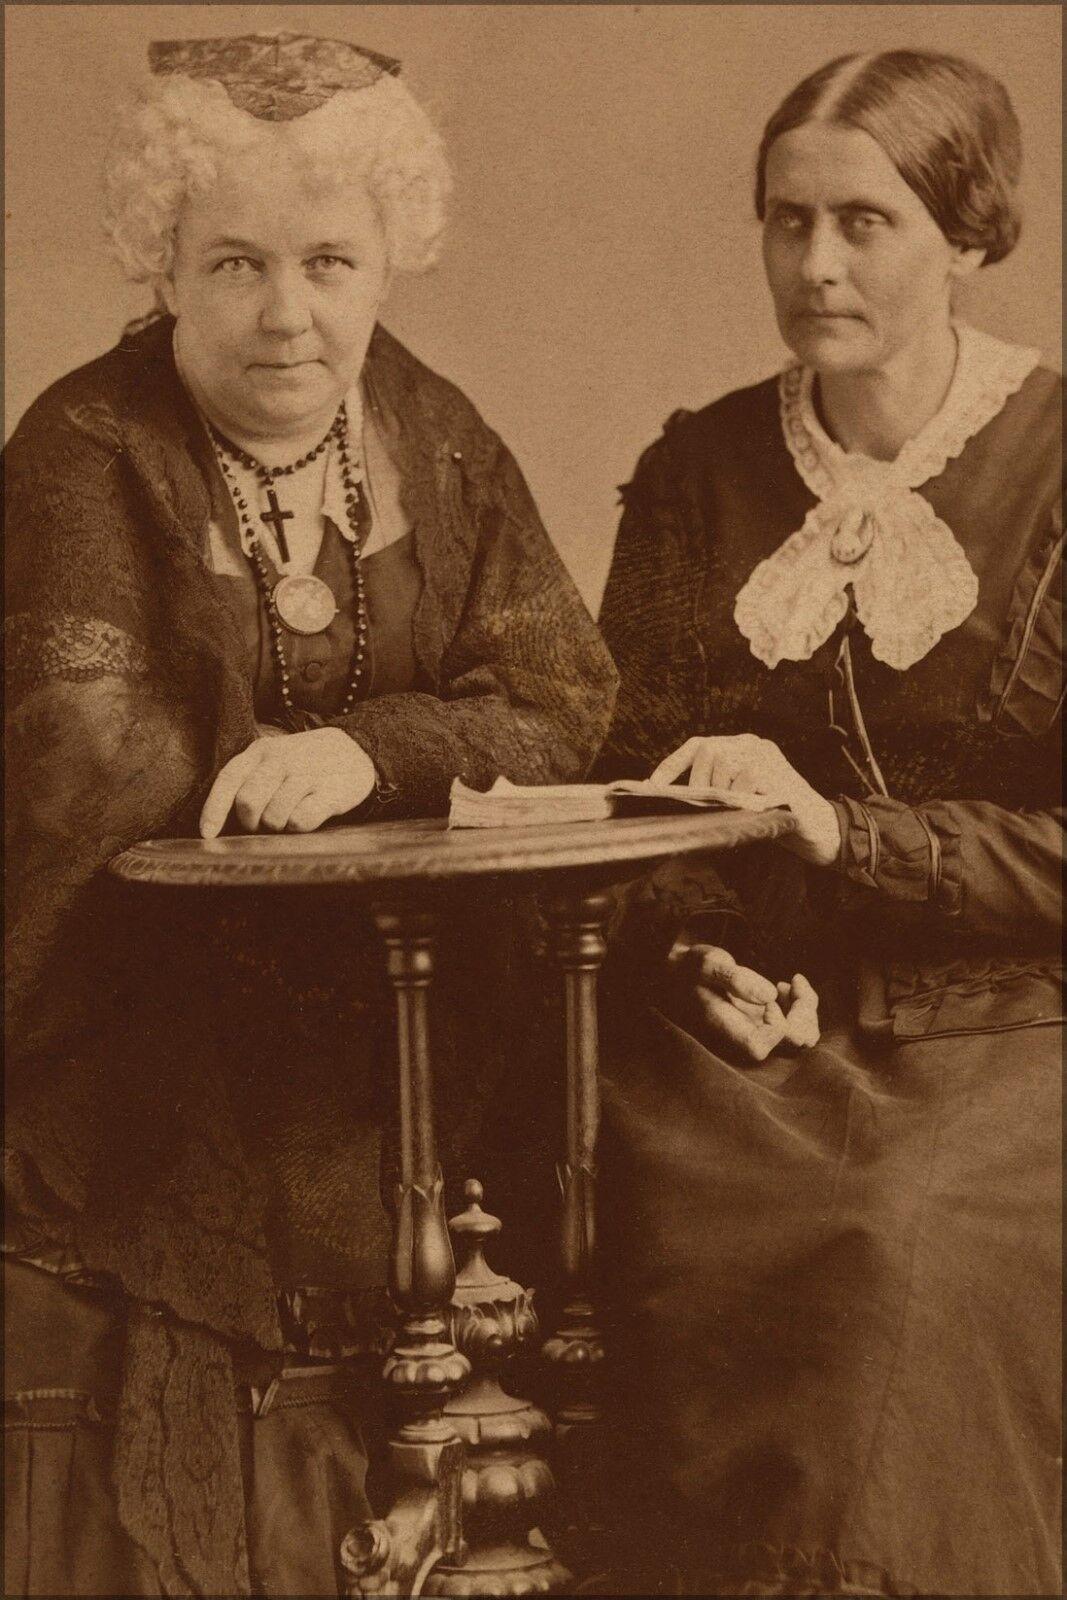 Plakat, Viele Größen; Elizabeth Cady Stanton und Susan B.Anthony 1870